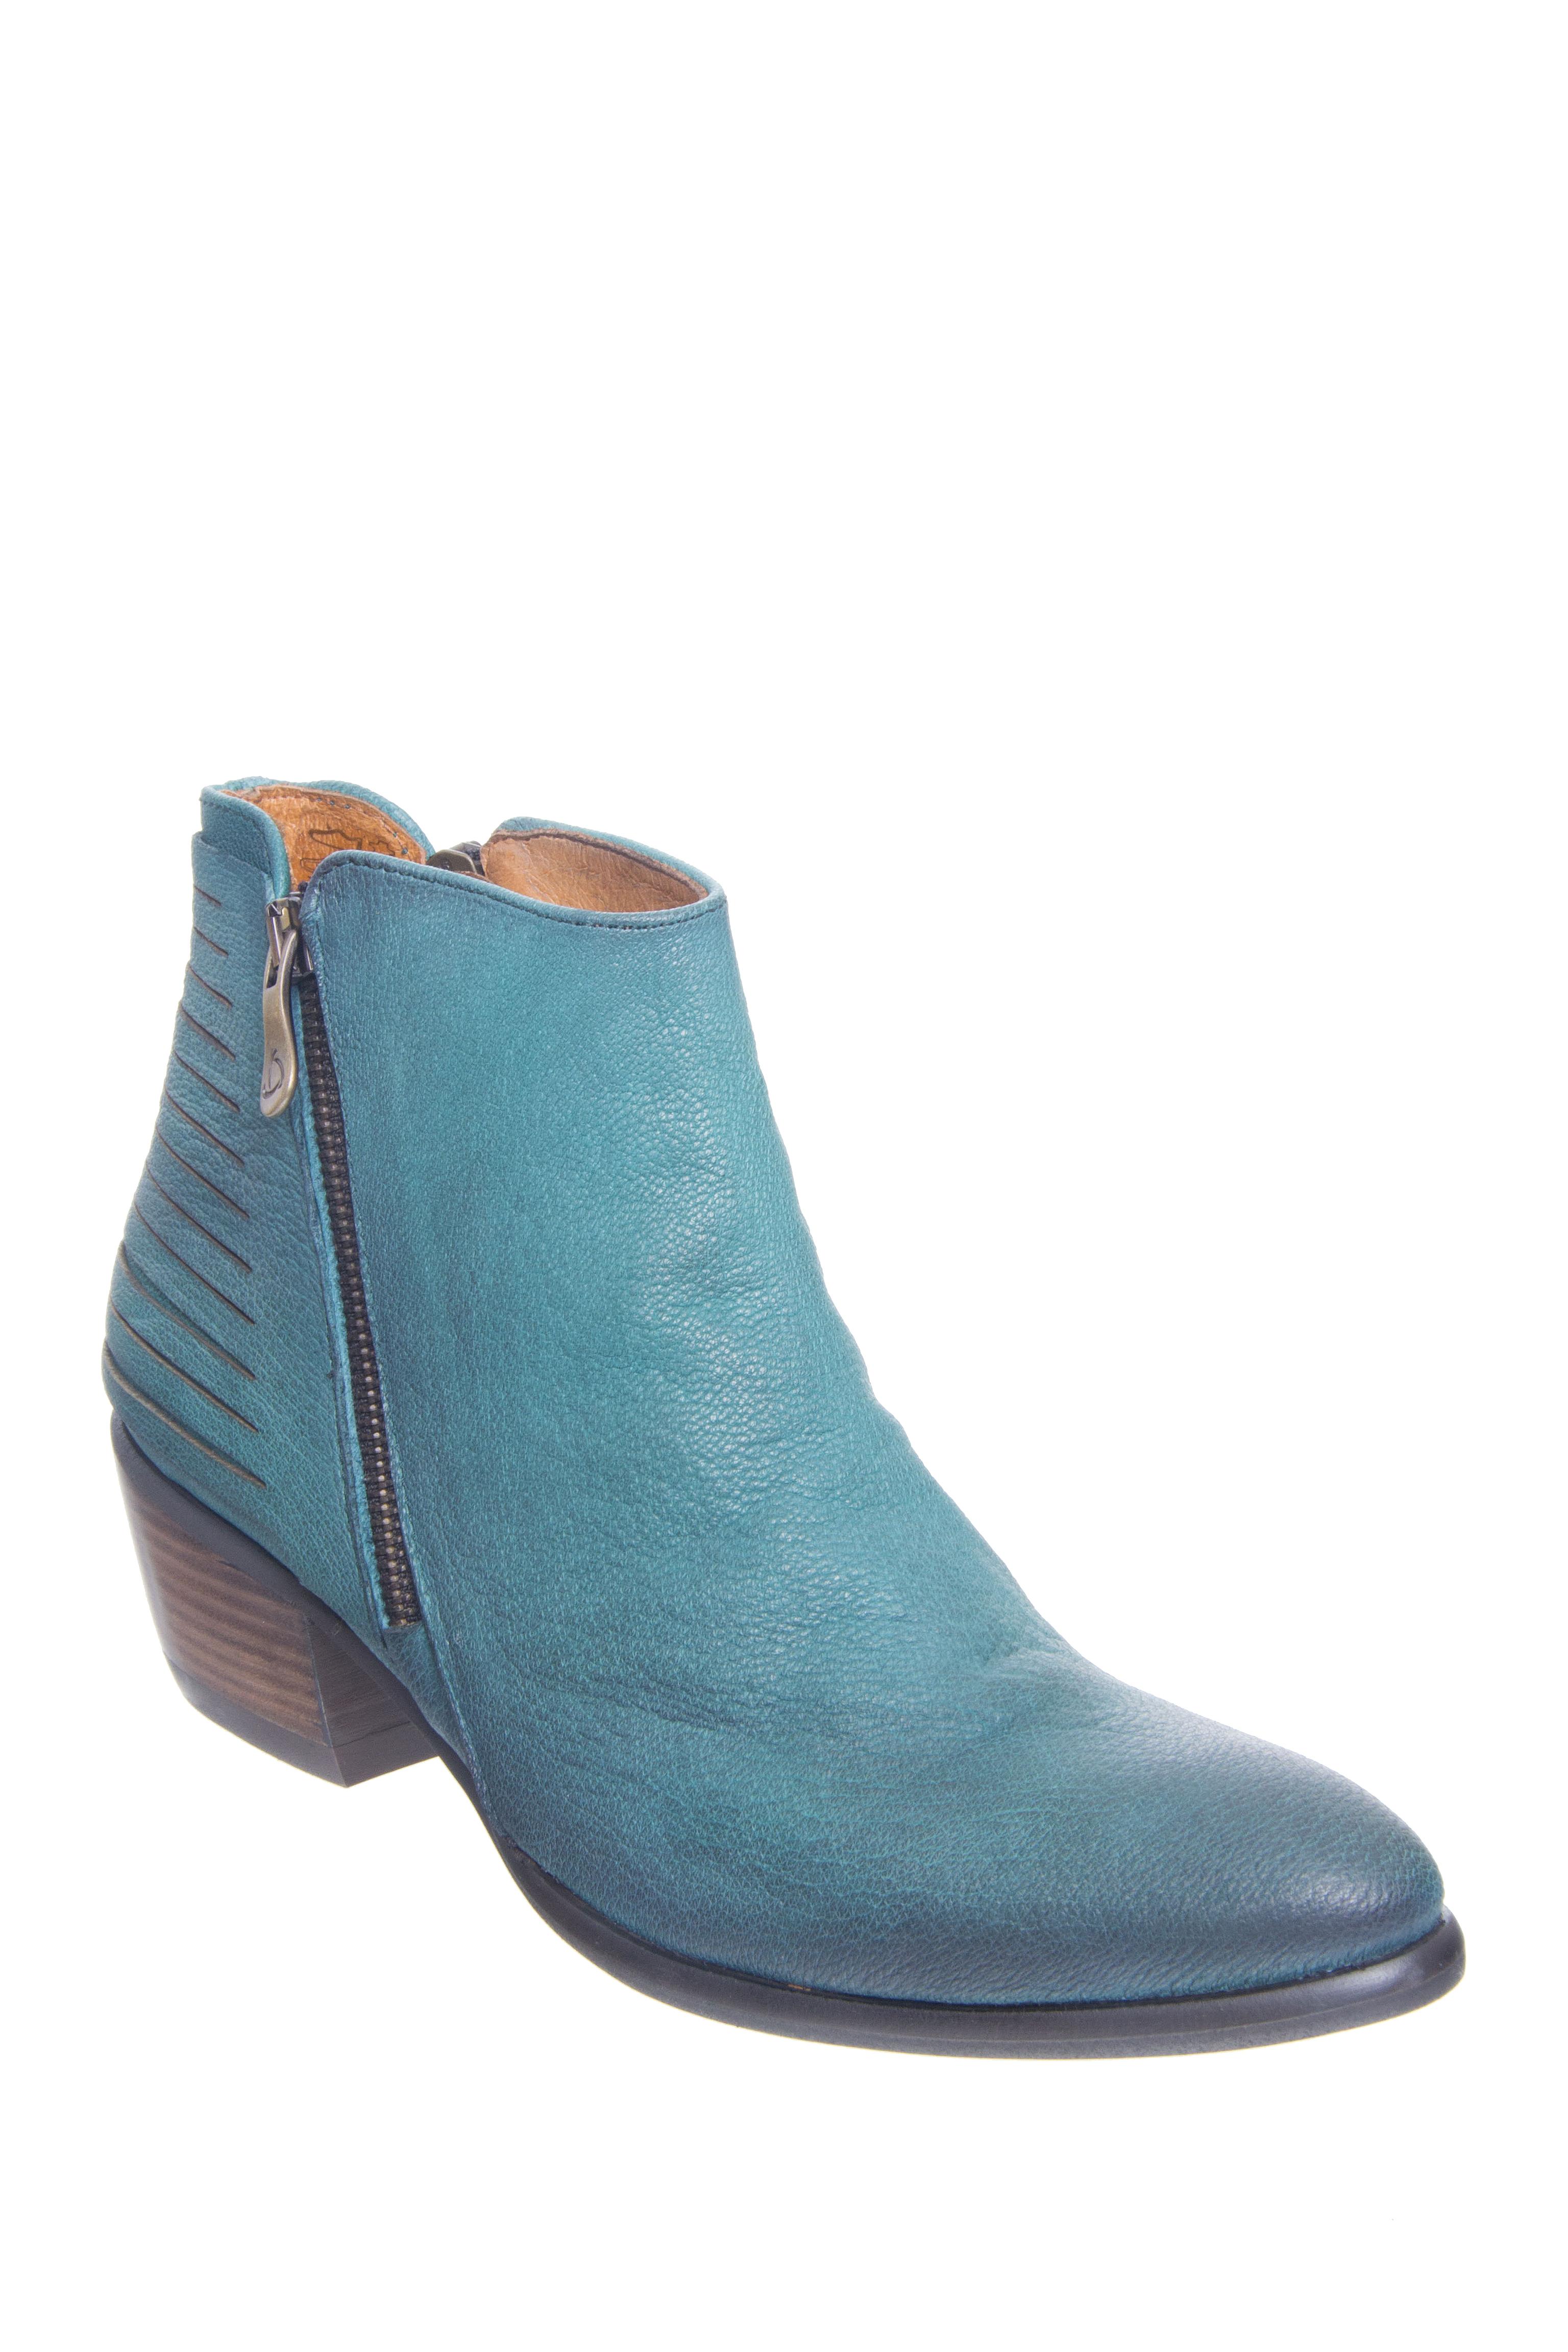 Kanna Oporto Low Heel Booties - Menta